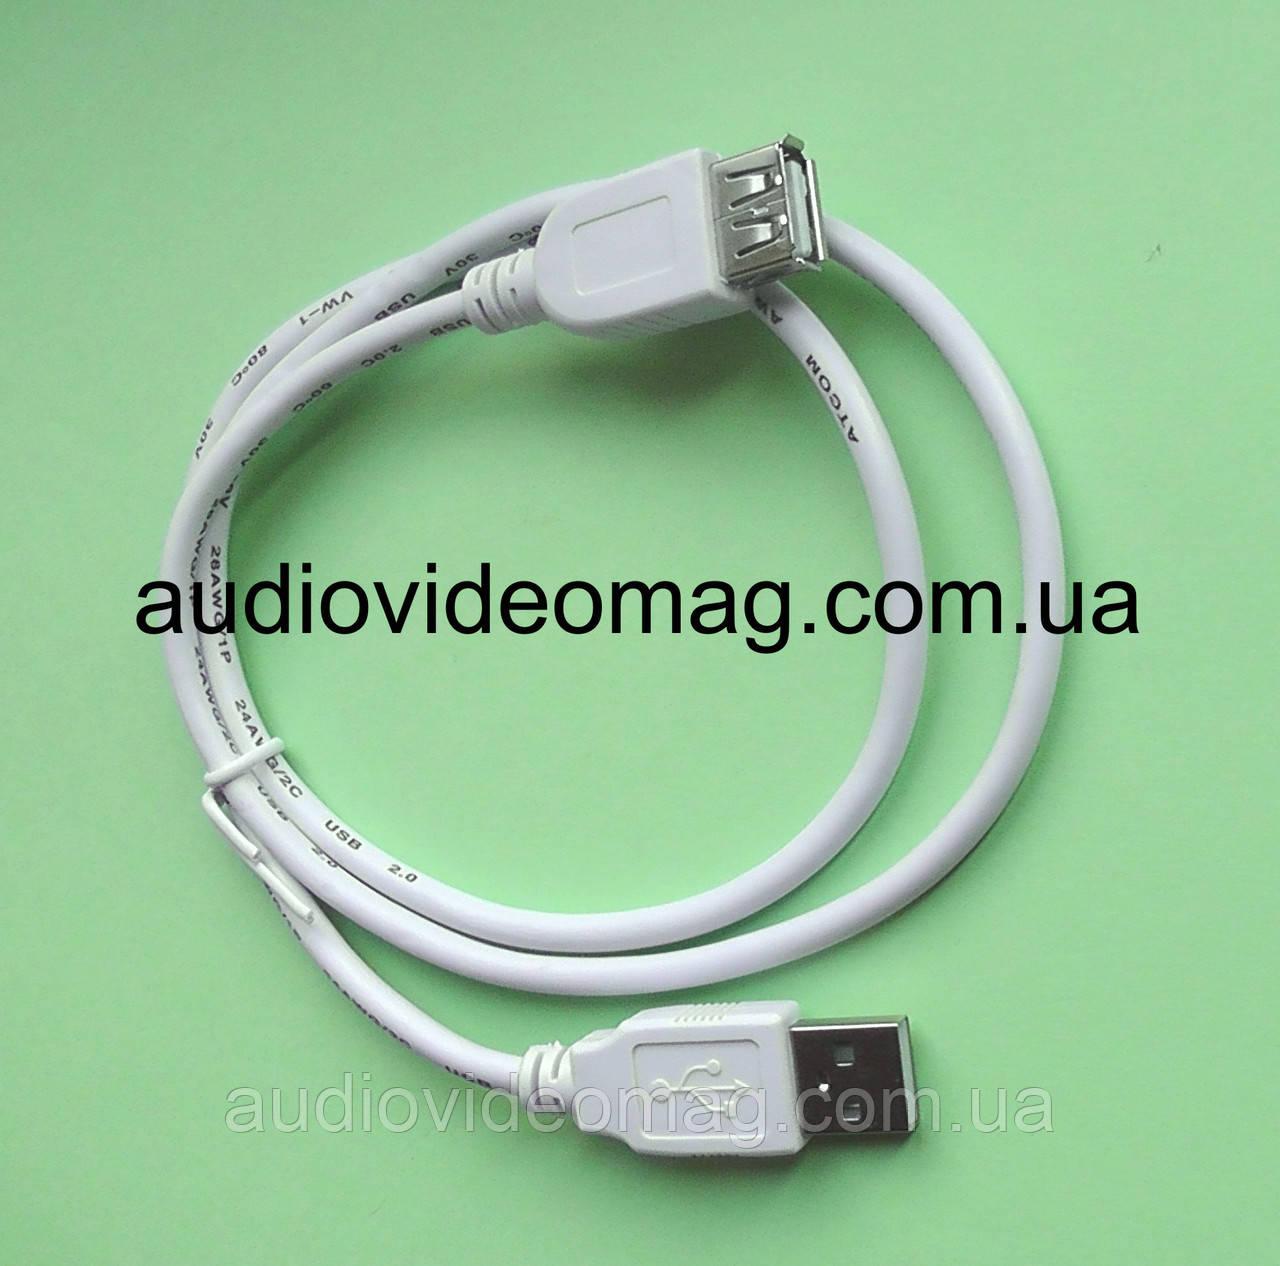 Кабель-удлинитель USB 2.0 AM-AF, длина 0.8 метра